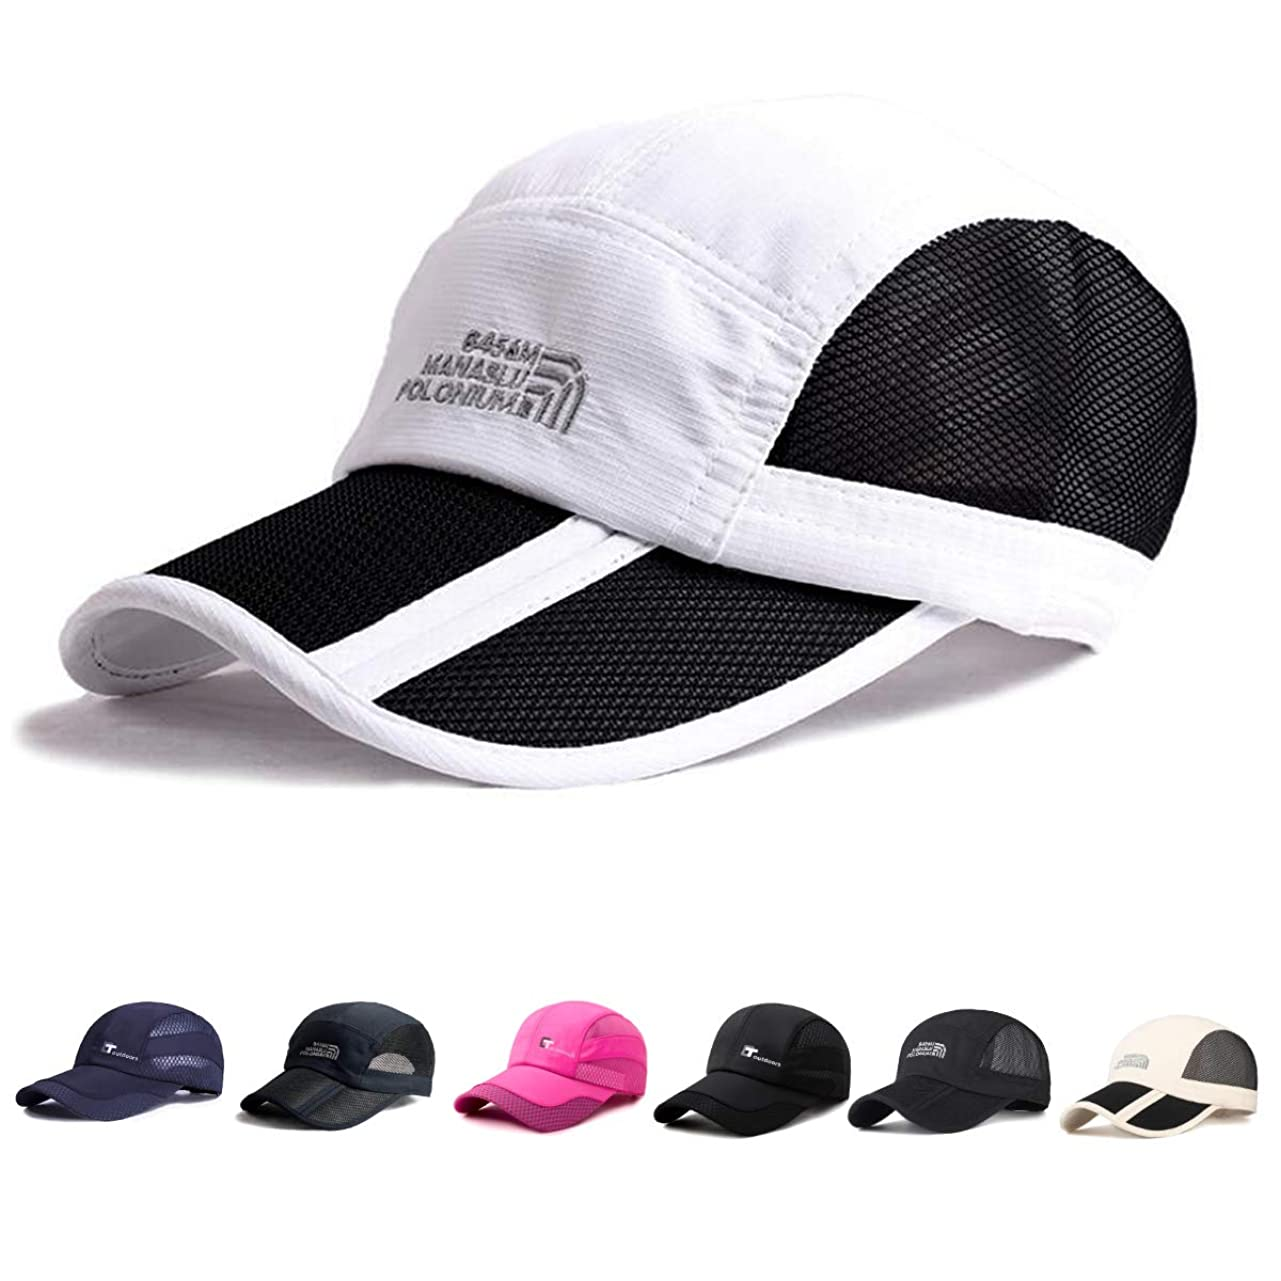 無知気味の悪い材料LARVOLS キャップ メンズ スポーツ帽子 折りたたみ メッシュキャップ ゴルフ 野球帽 通気性 日除け 紫外線対策 超軽量 釣り アウトドア 登山 遠足 ランニング 運転